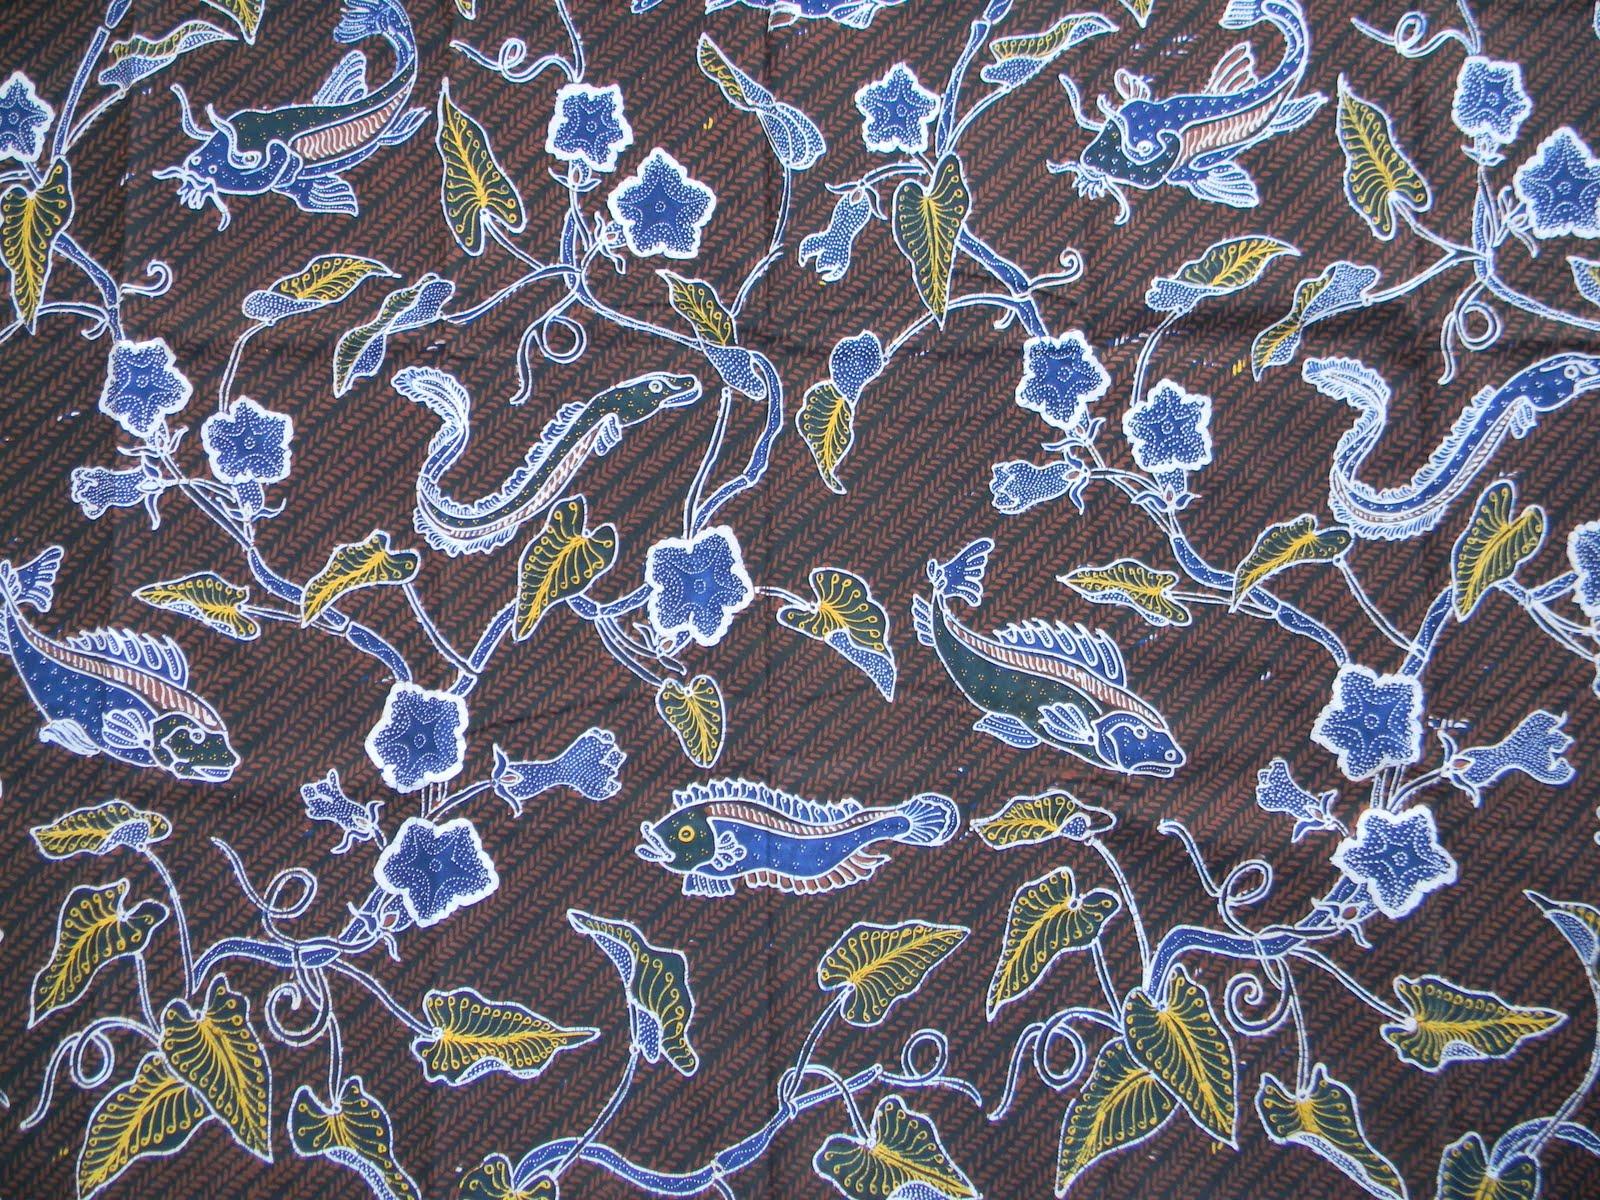 47 Gambar Ornamen Batik Flora Dan Fauna